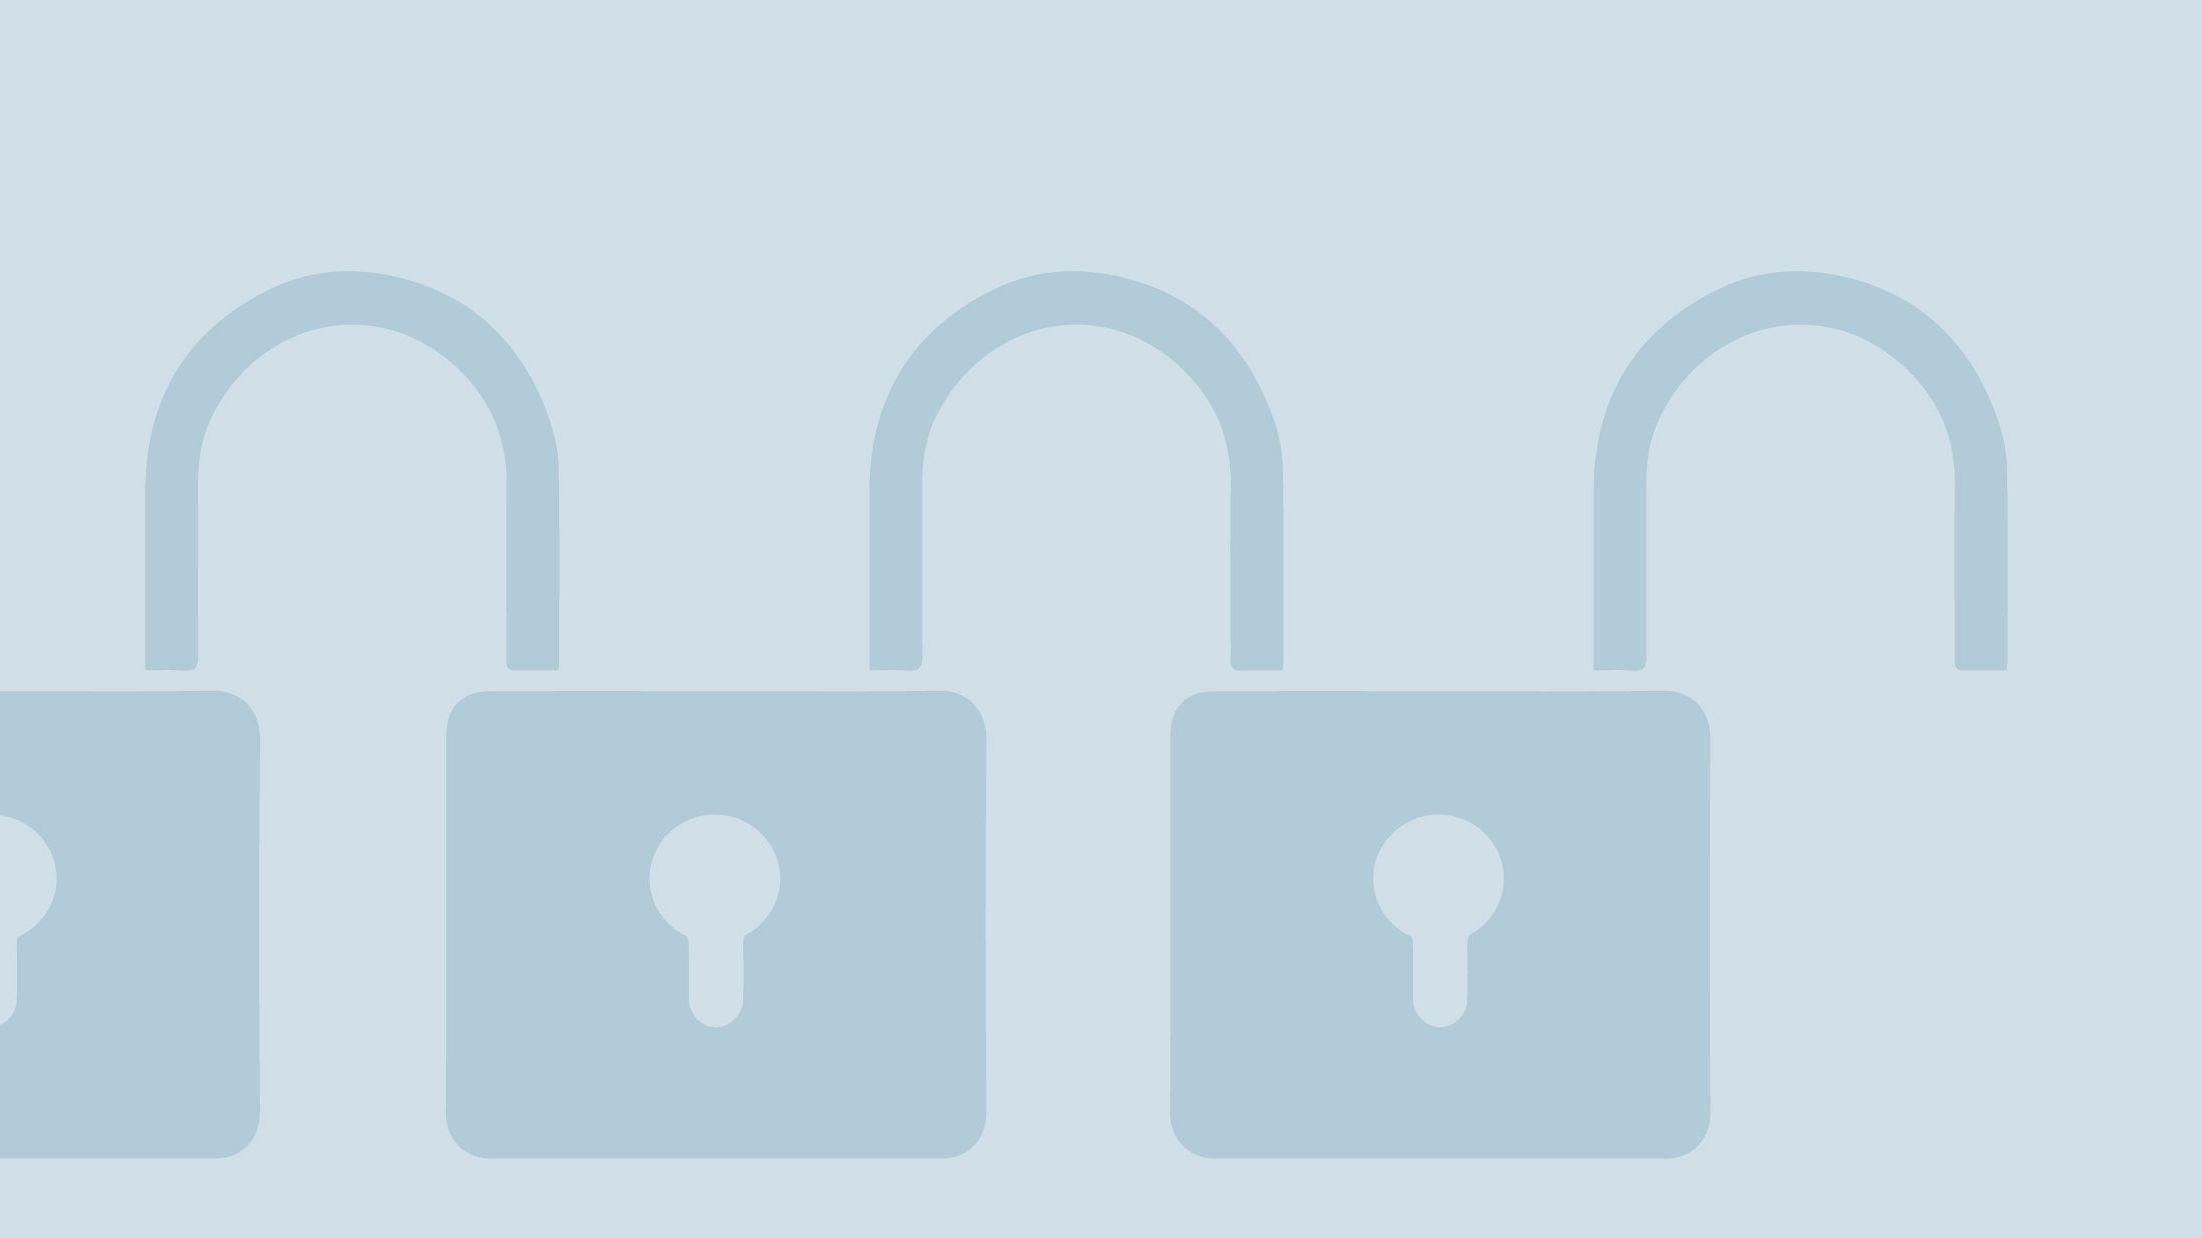 ブロックチェーンはなぜ安全と言えるのか?その理由を理解する